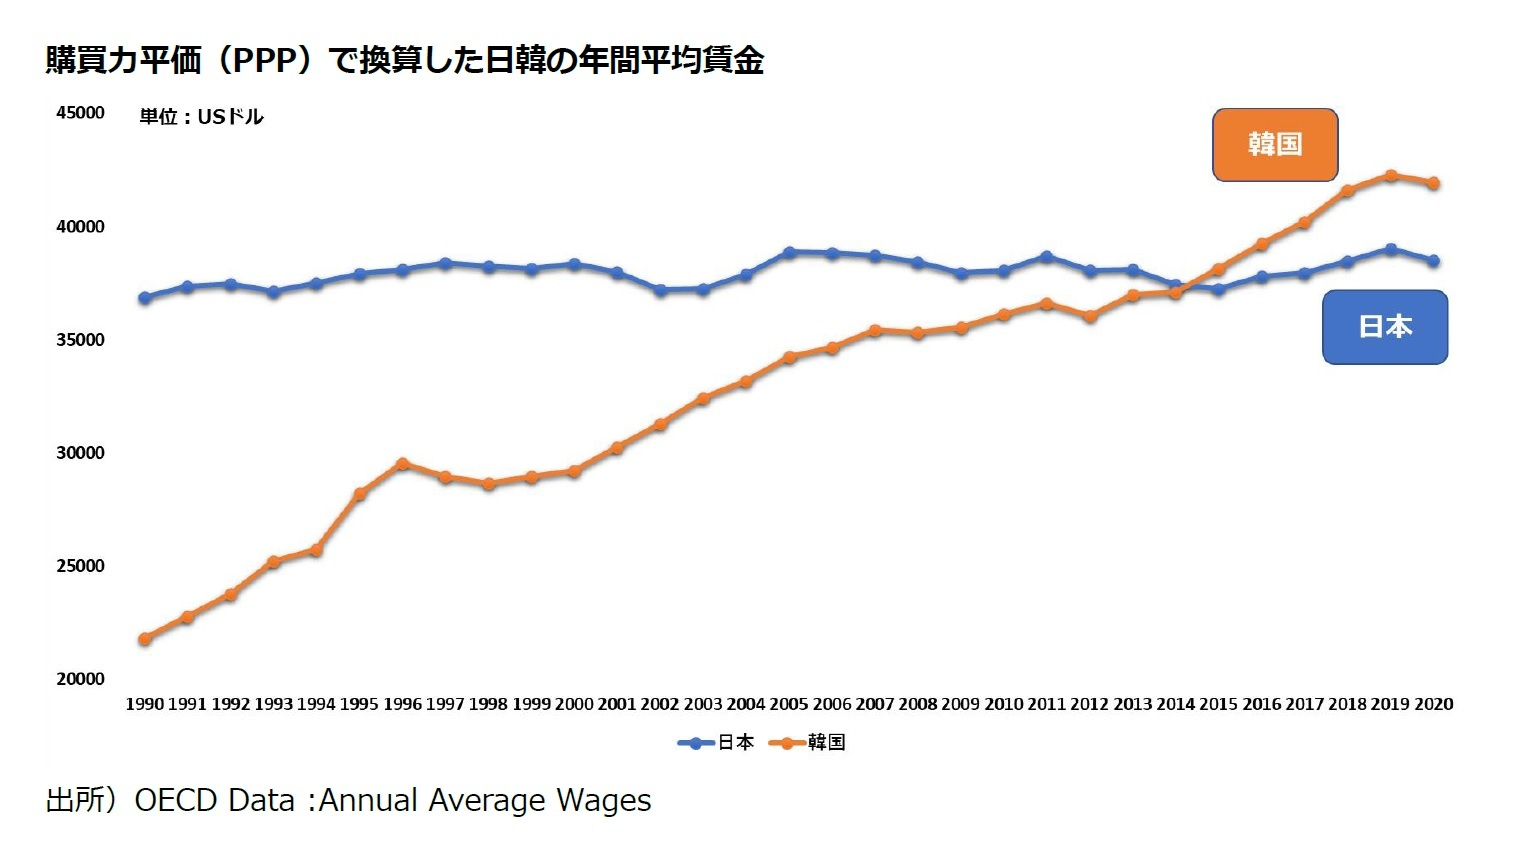 購買力平価(PPP)で換算した日韓の年間平均賃金